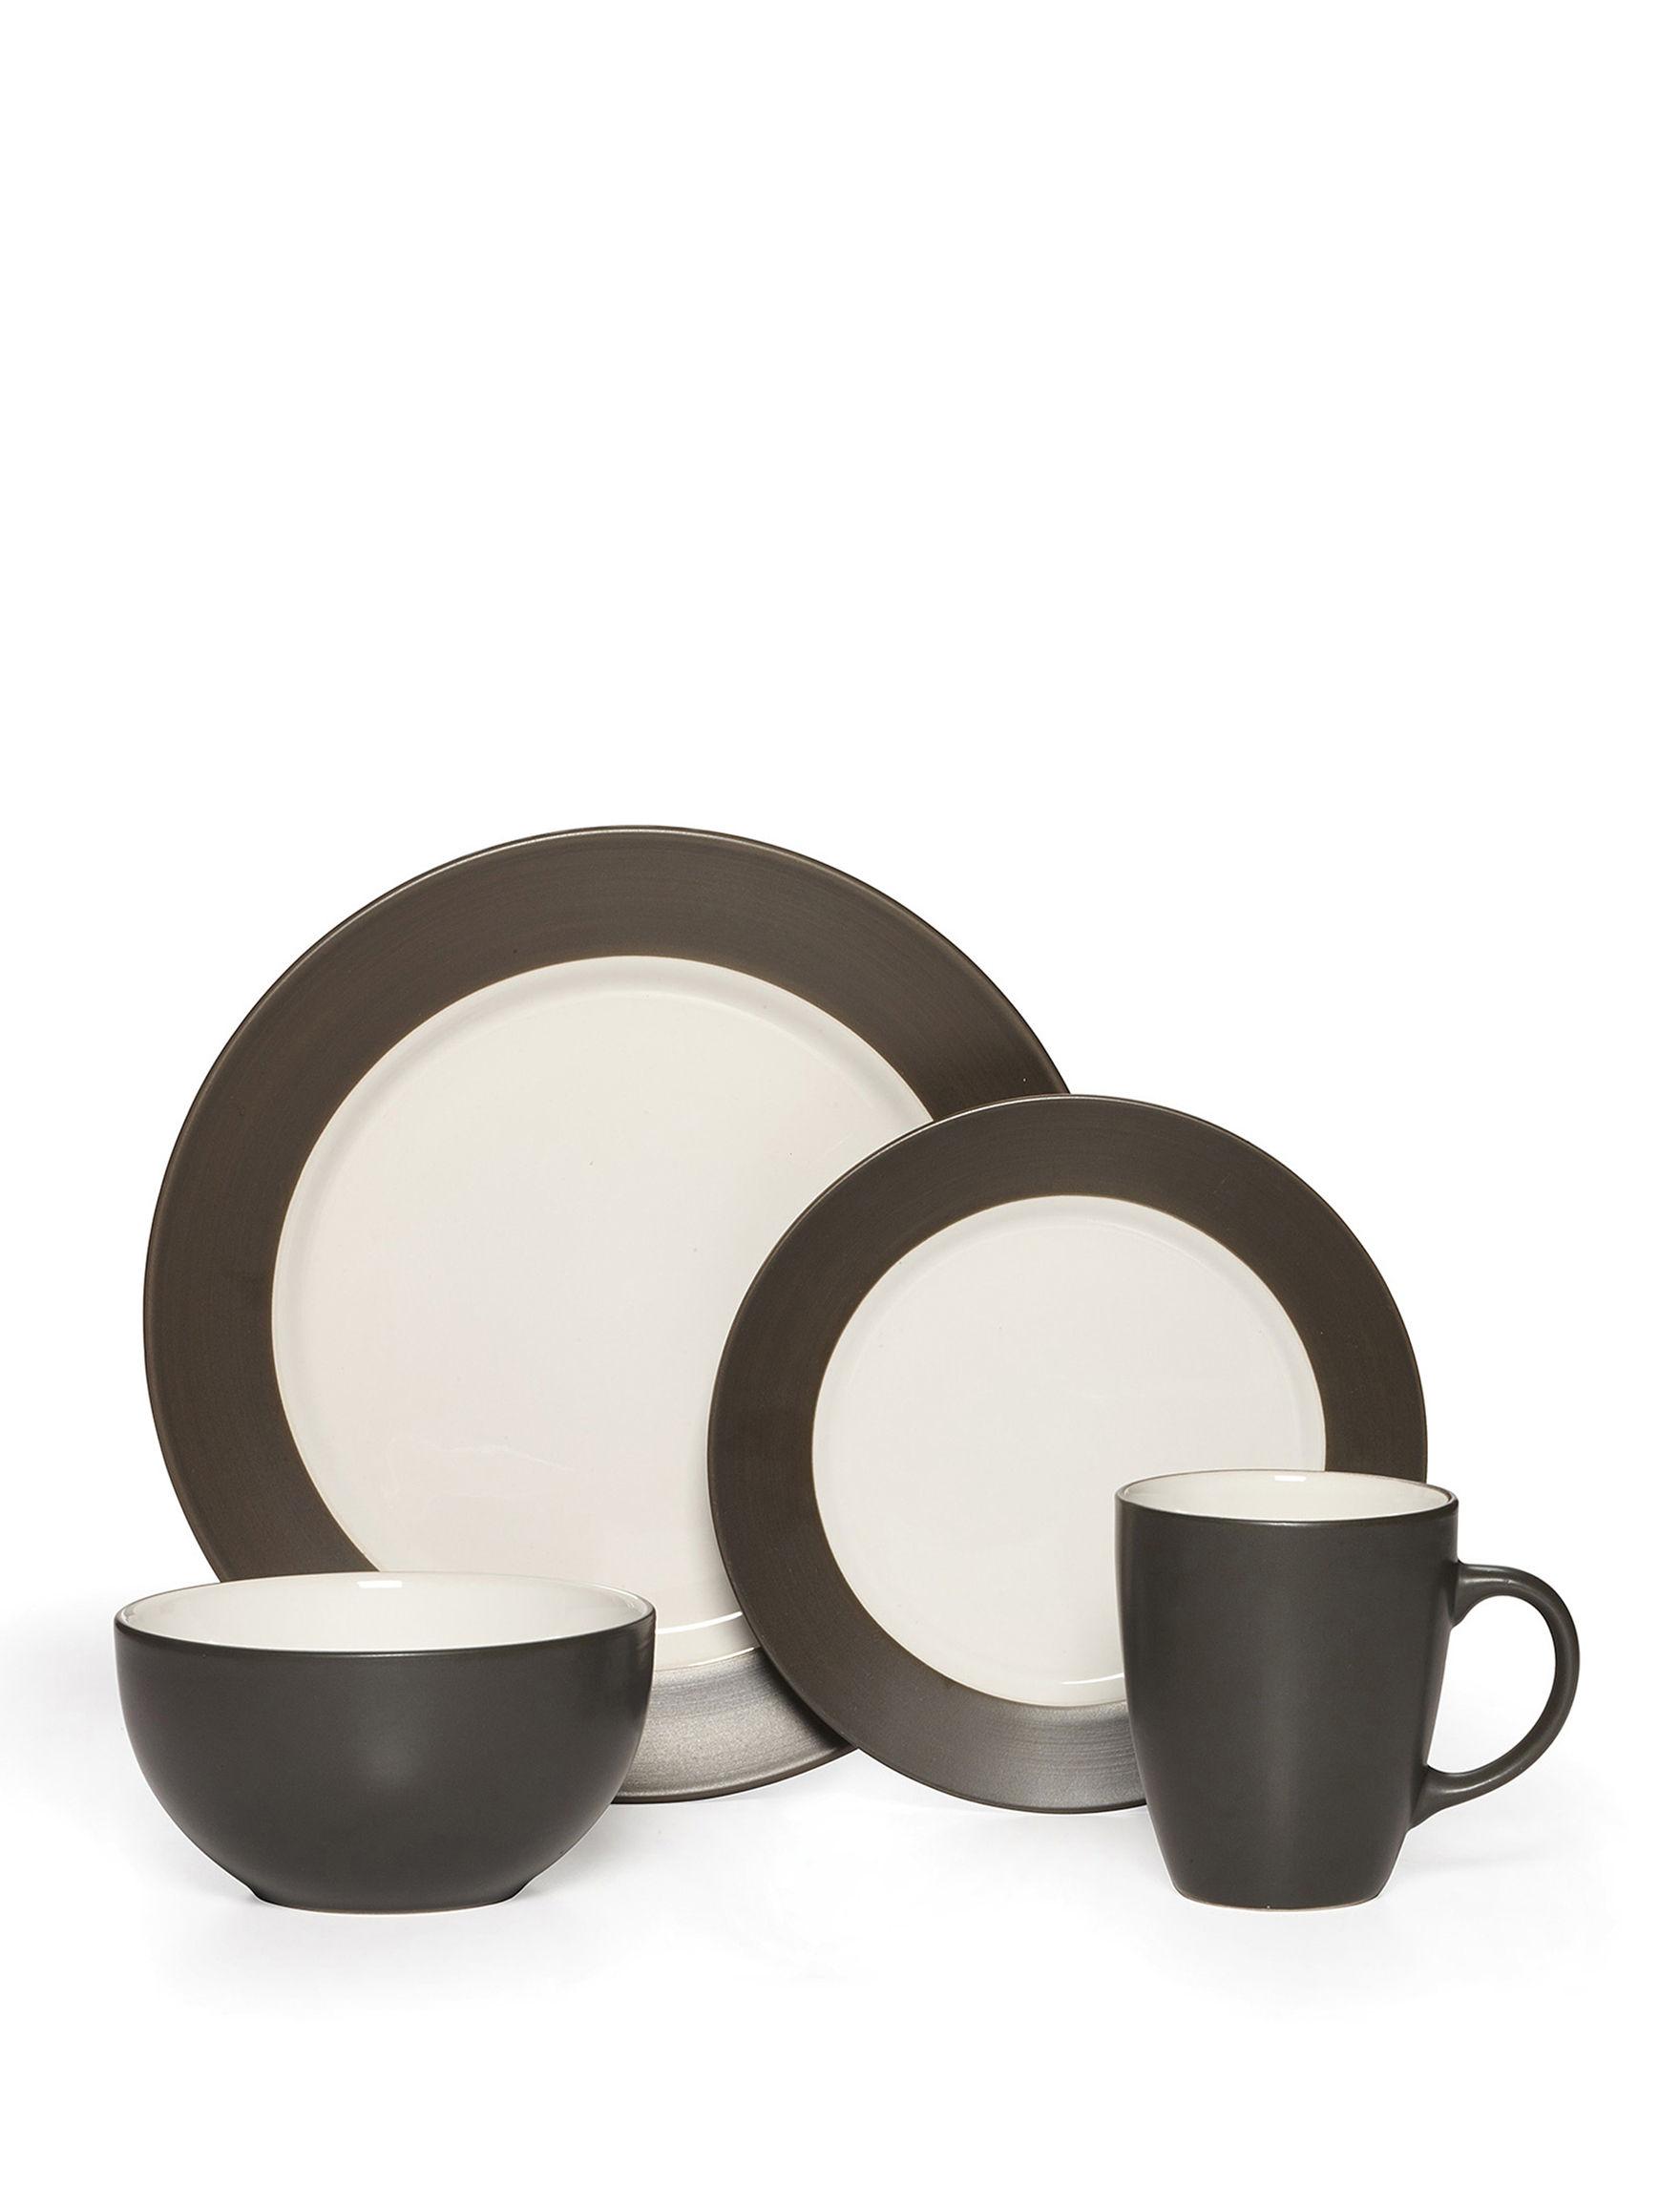 Pfaltzgraff Charcoal Dinnerware Sets Dinnerware